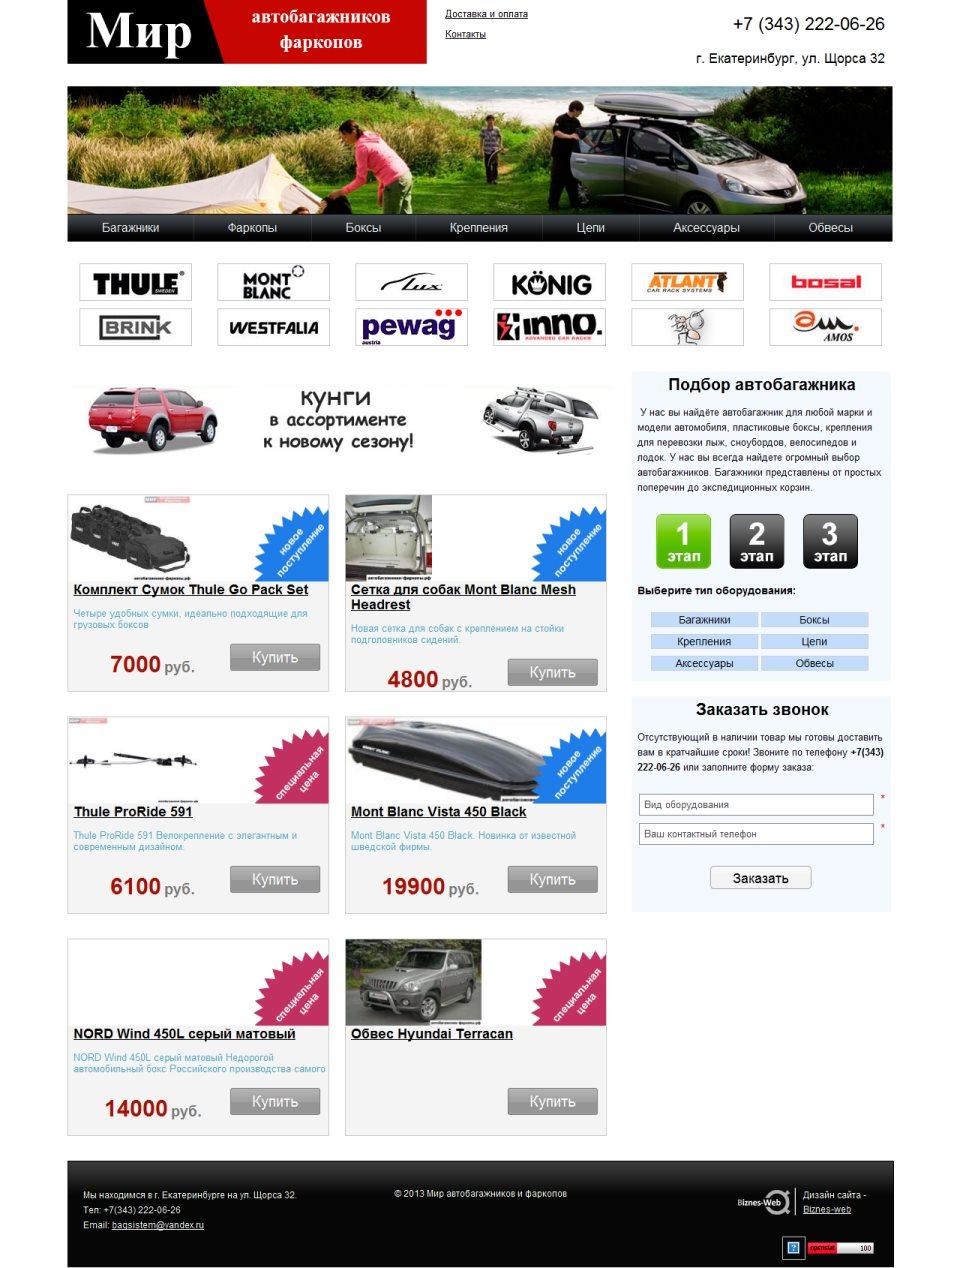 Сайт по продаже автобагажников